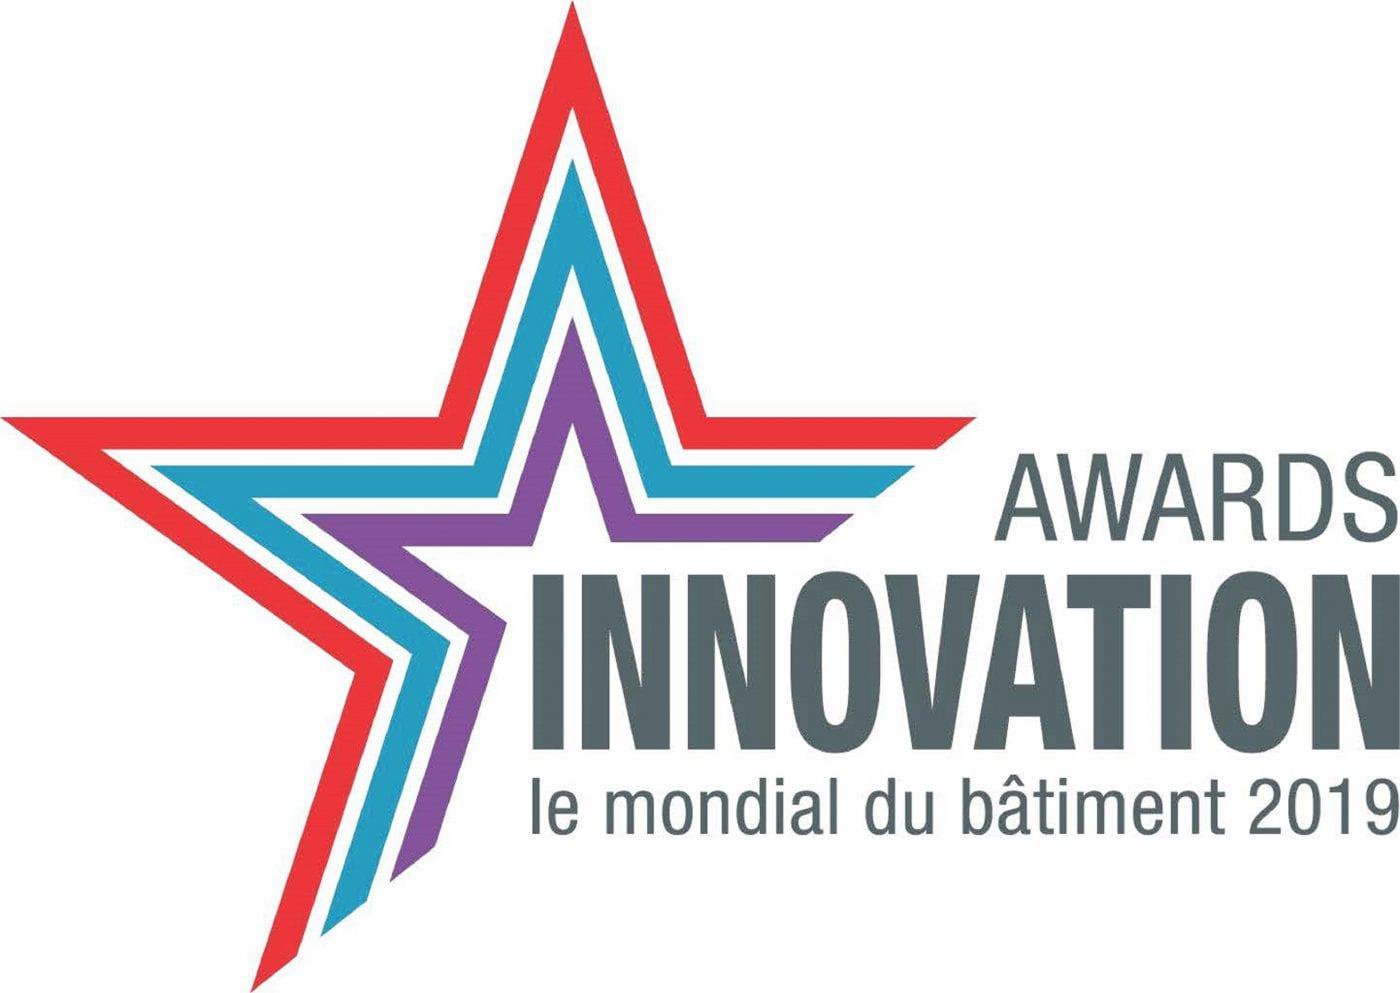 Awards Innovation 2019